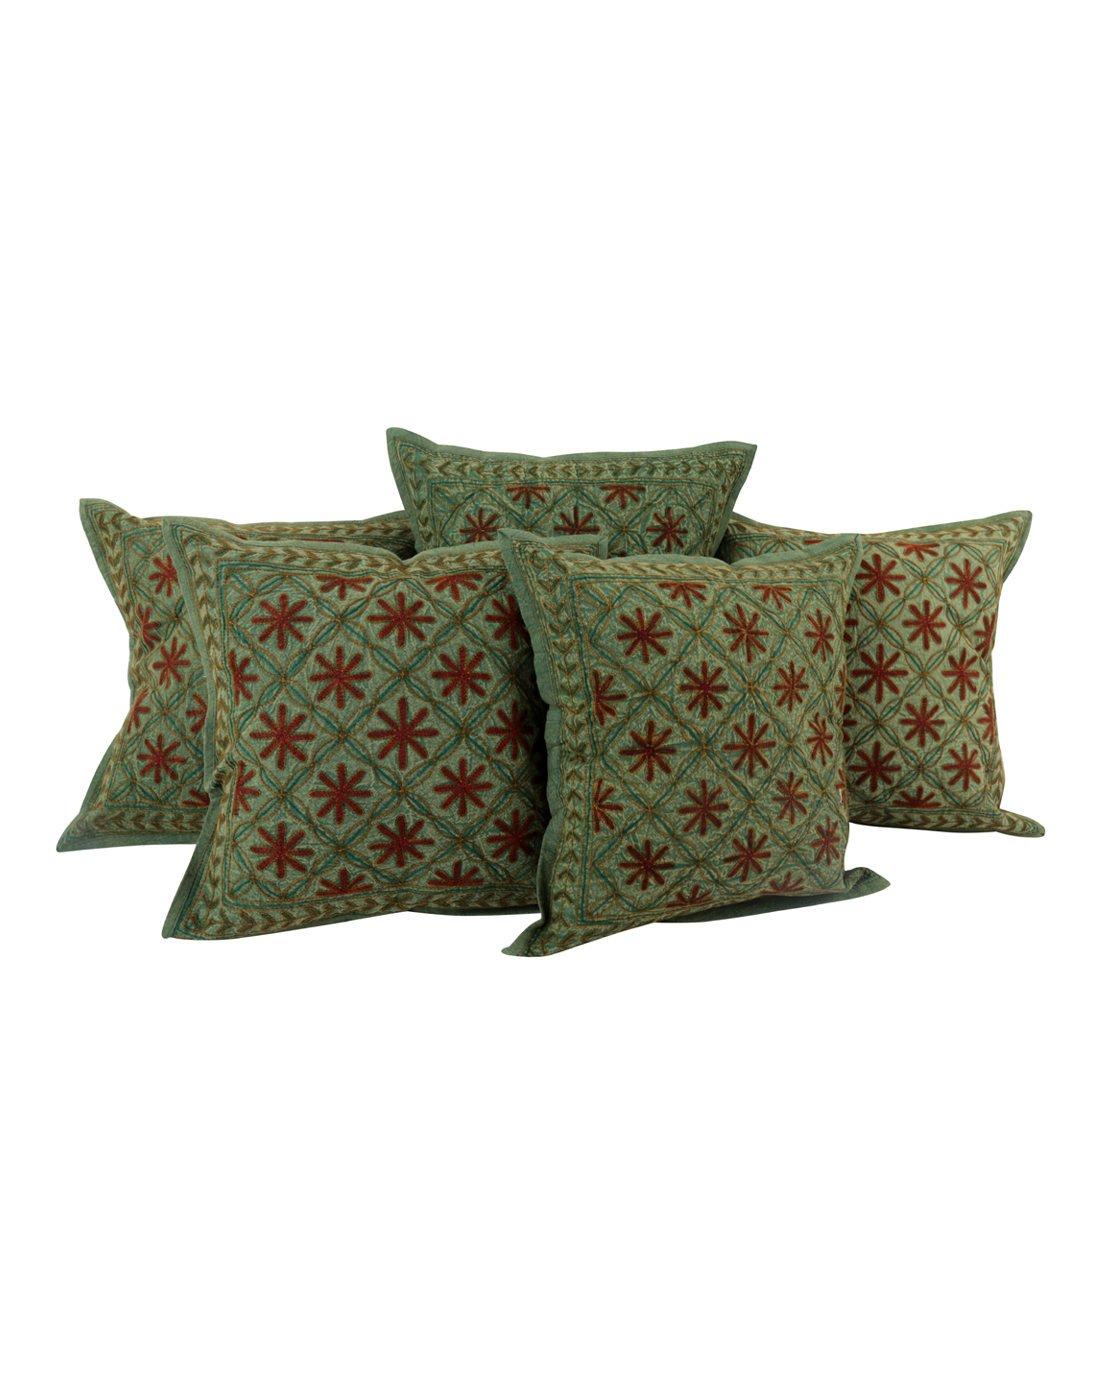 Rajrang Ethnische Kissenbezug Bestickt grün Baumwolle Kissenbezug 5 St.